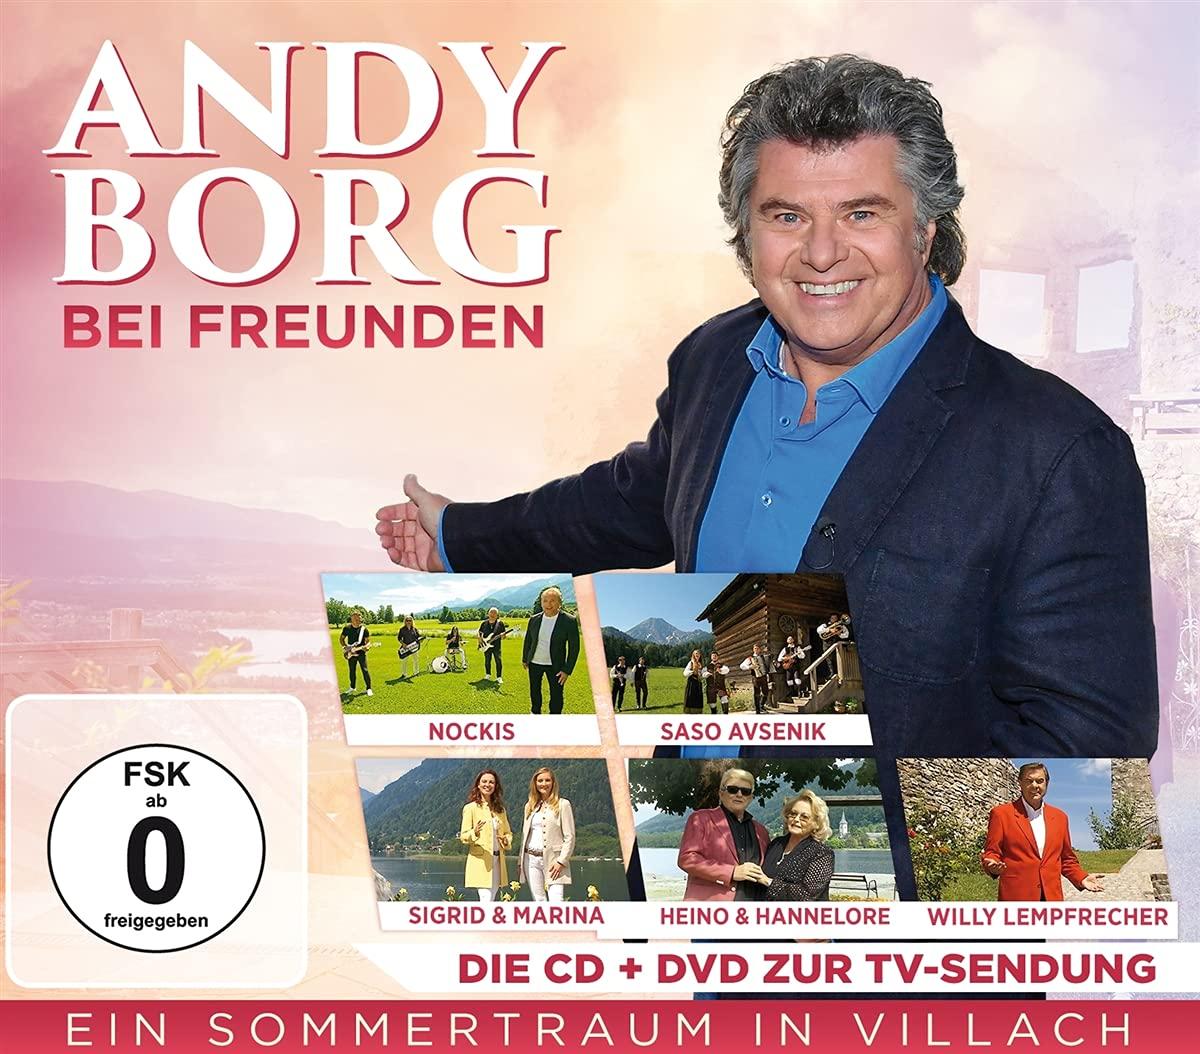 ANDY BORG * Andy Borg bei Freunden – Ein Sommertraum in der Region Villach (CD+DVD)